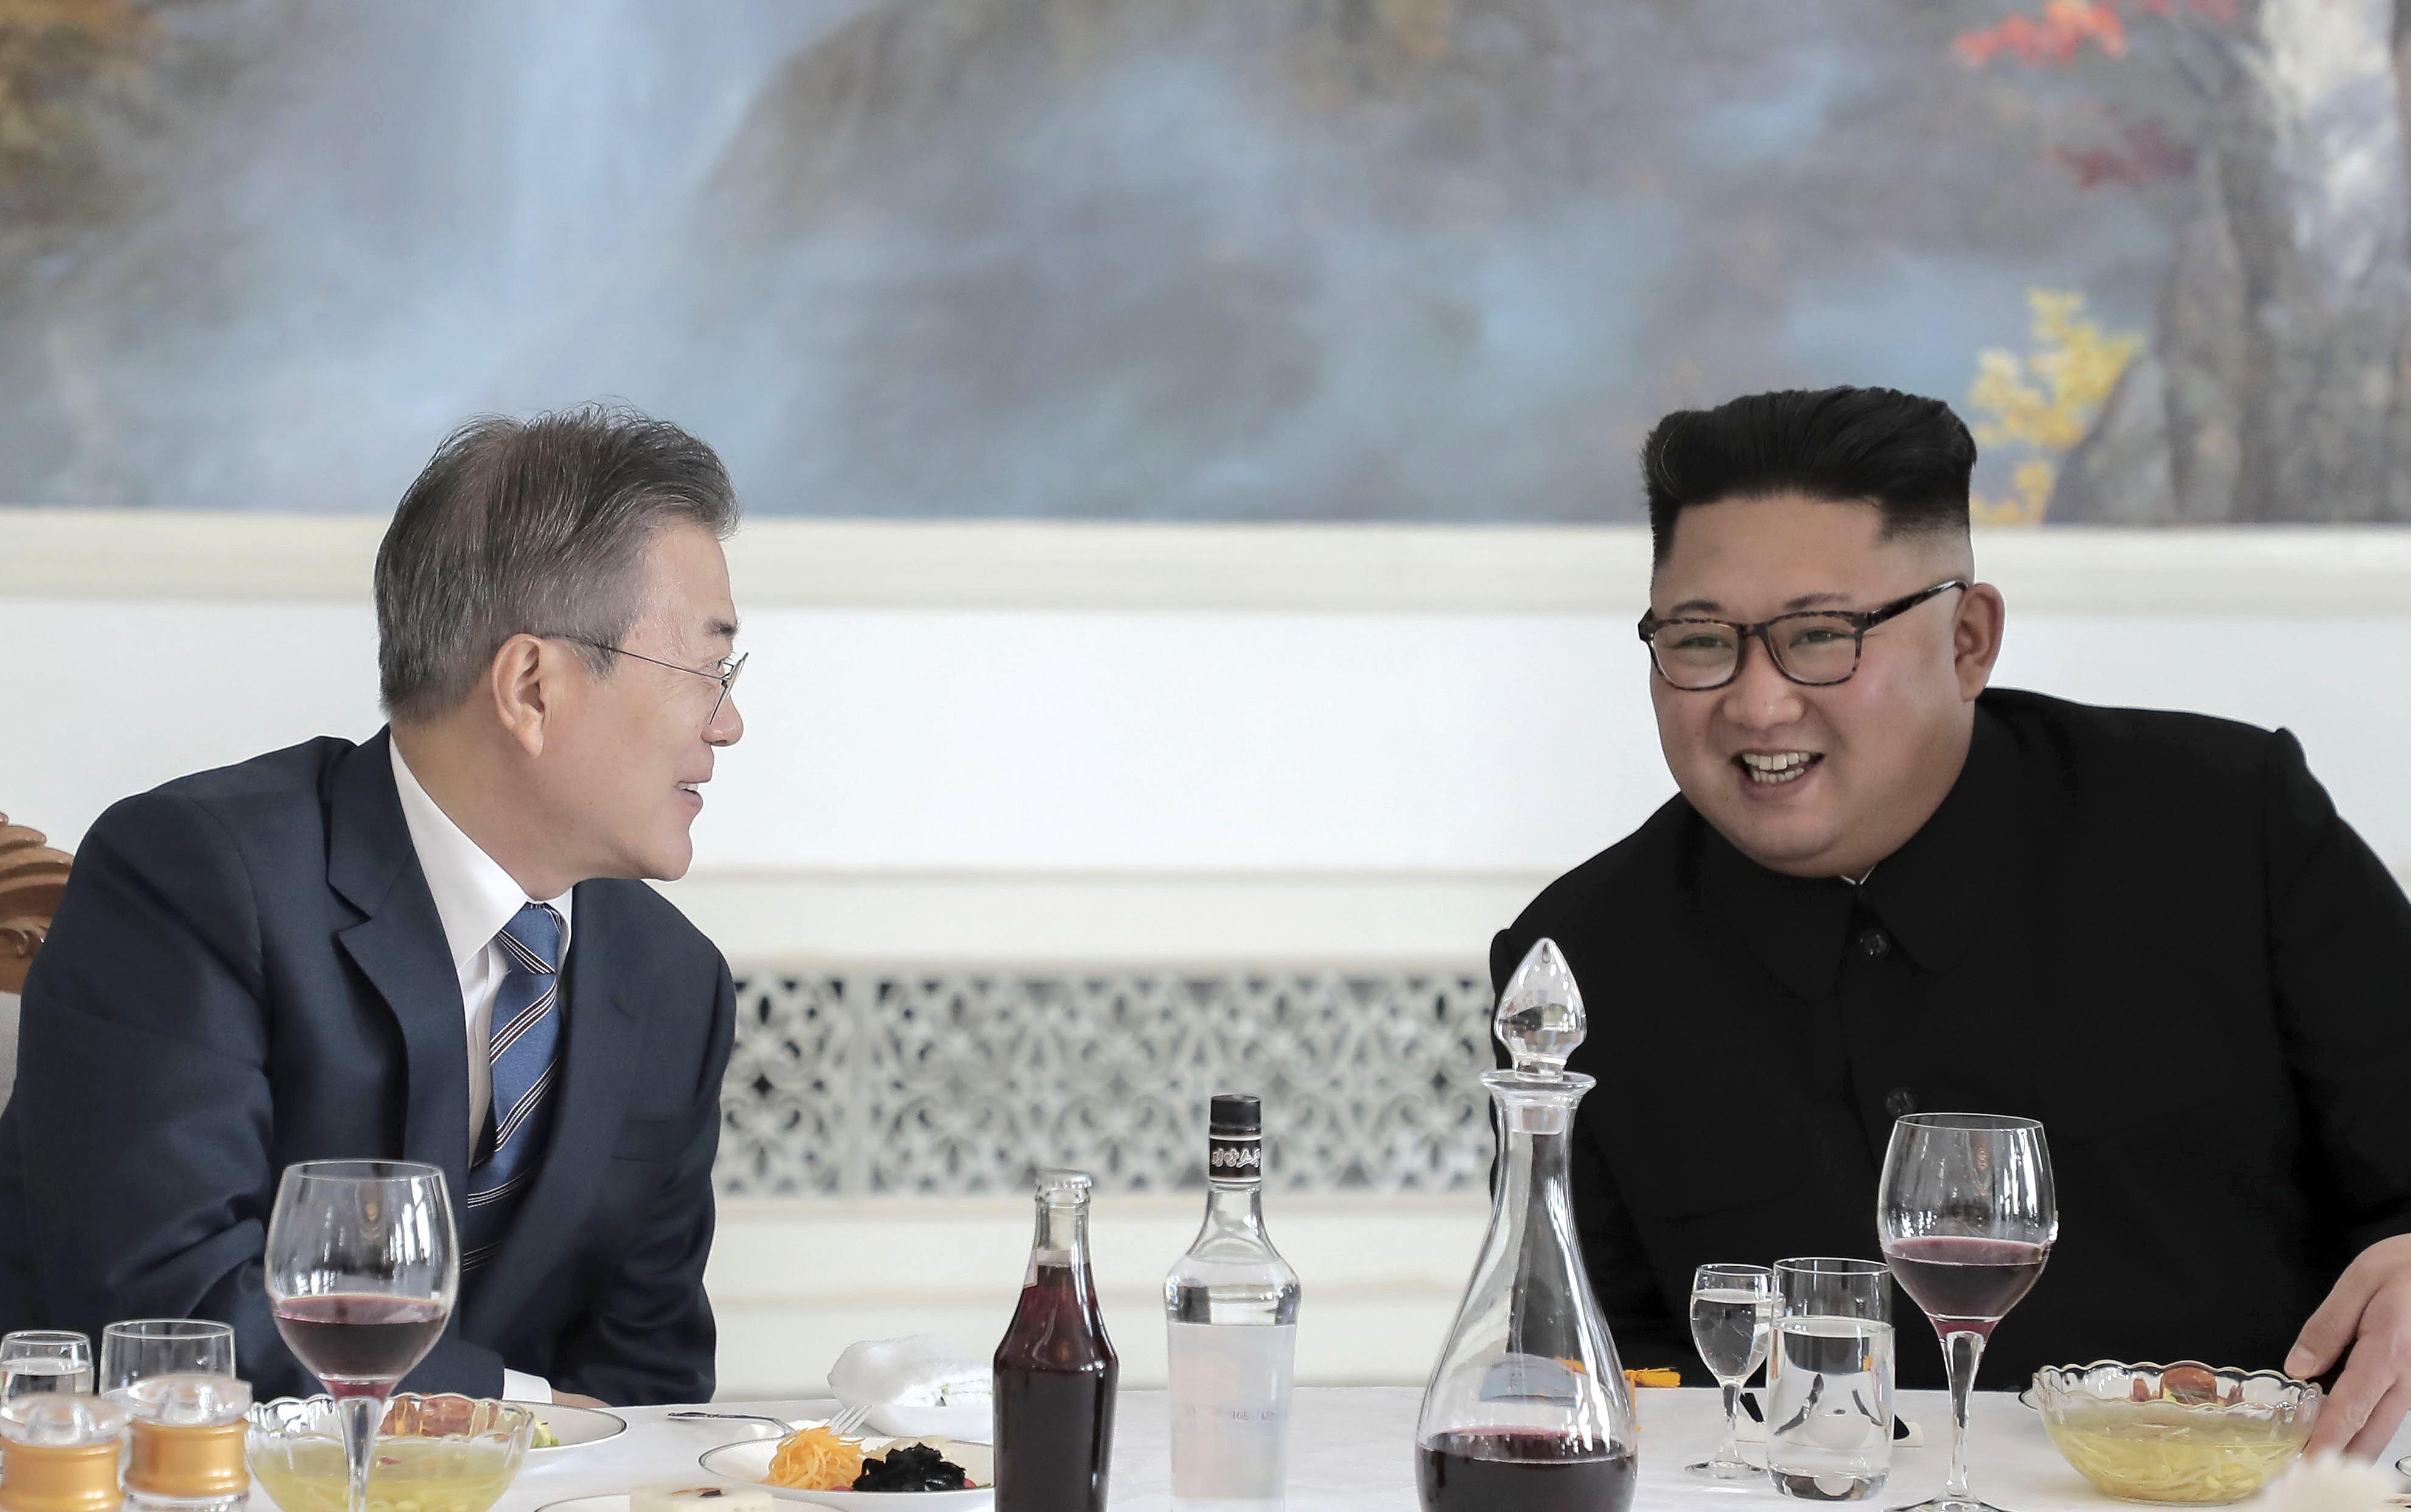 김정은은 '서울 답방'에 대해 말하던 중 '태극기부대'를